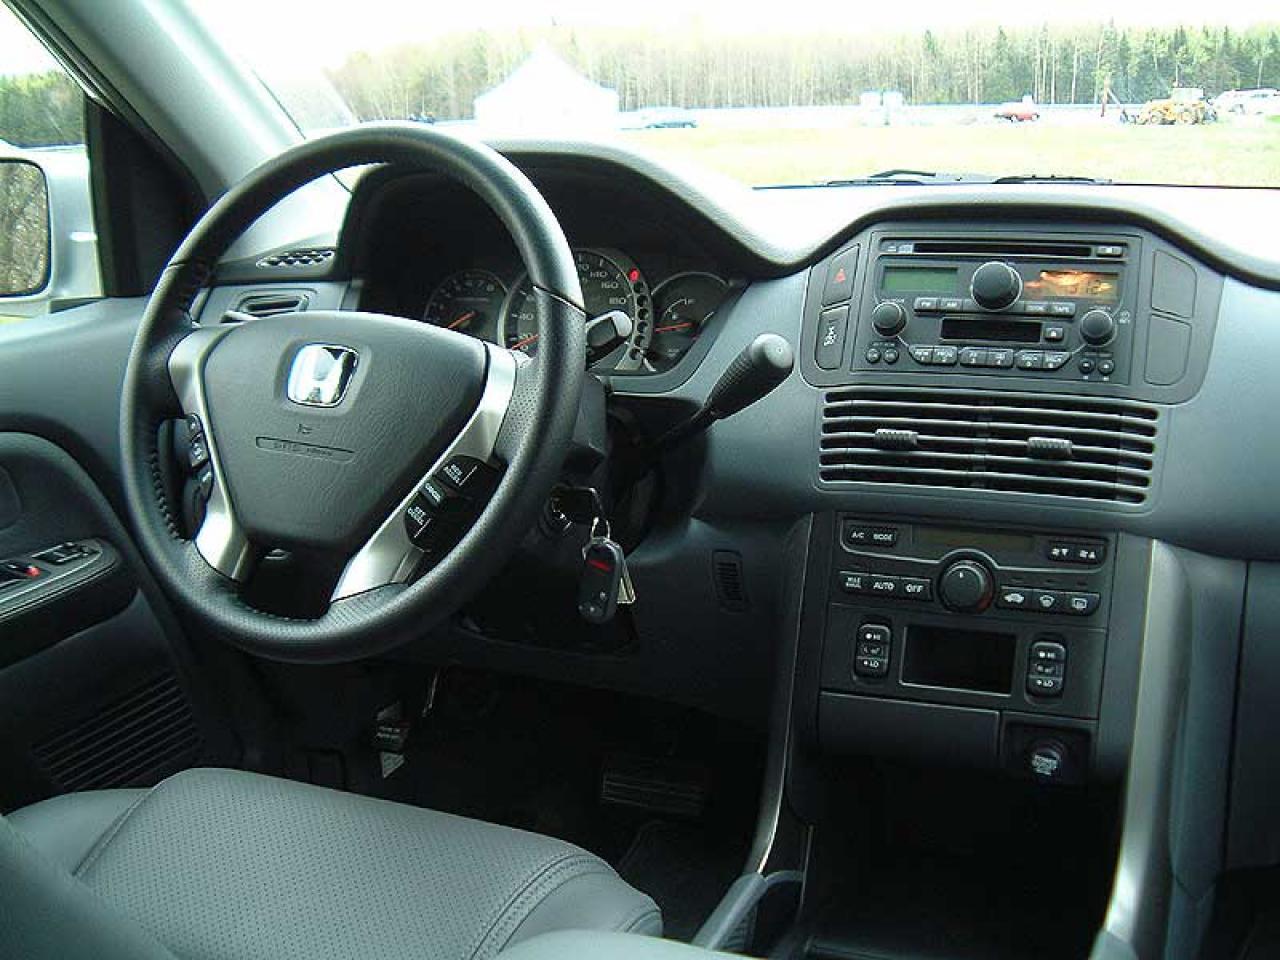 2003 Honda Pilot #1 800 1024 1280 1600 Origin